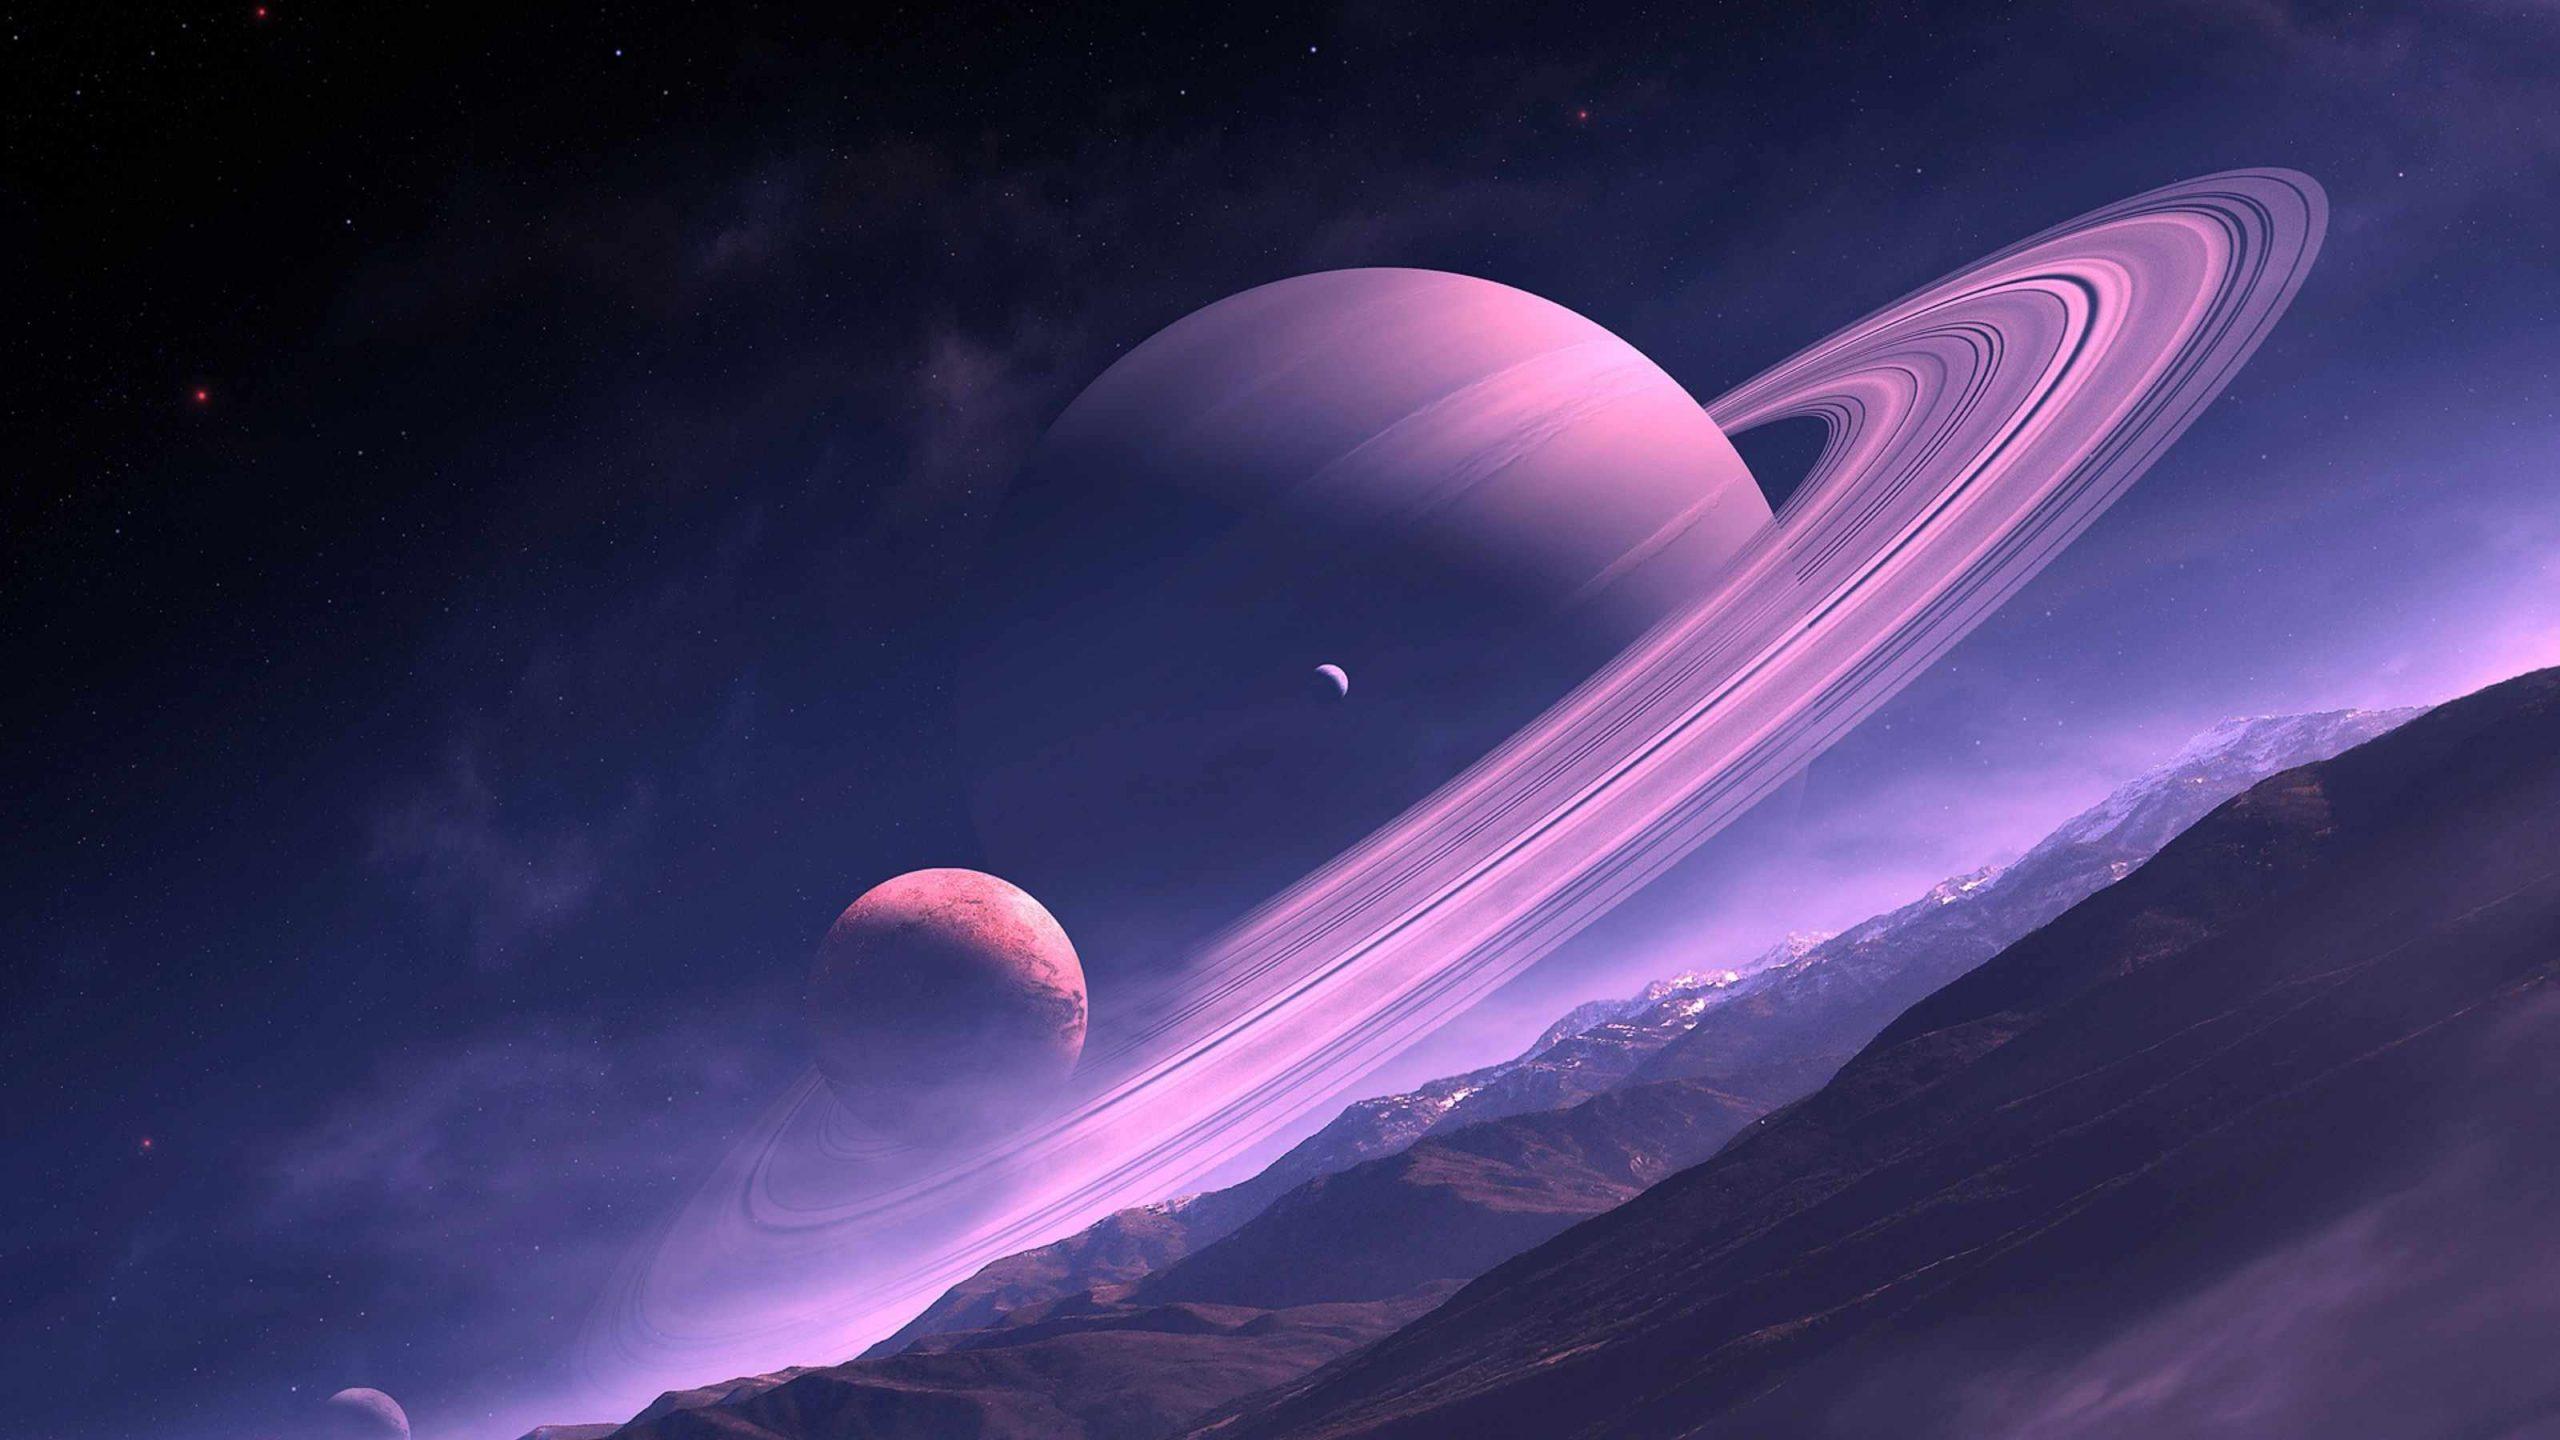 Скачать картинки космоса красивые для срисовки 16